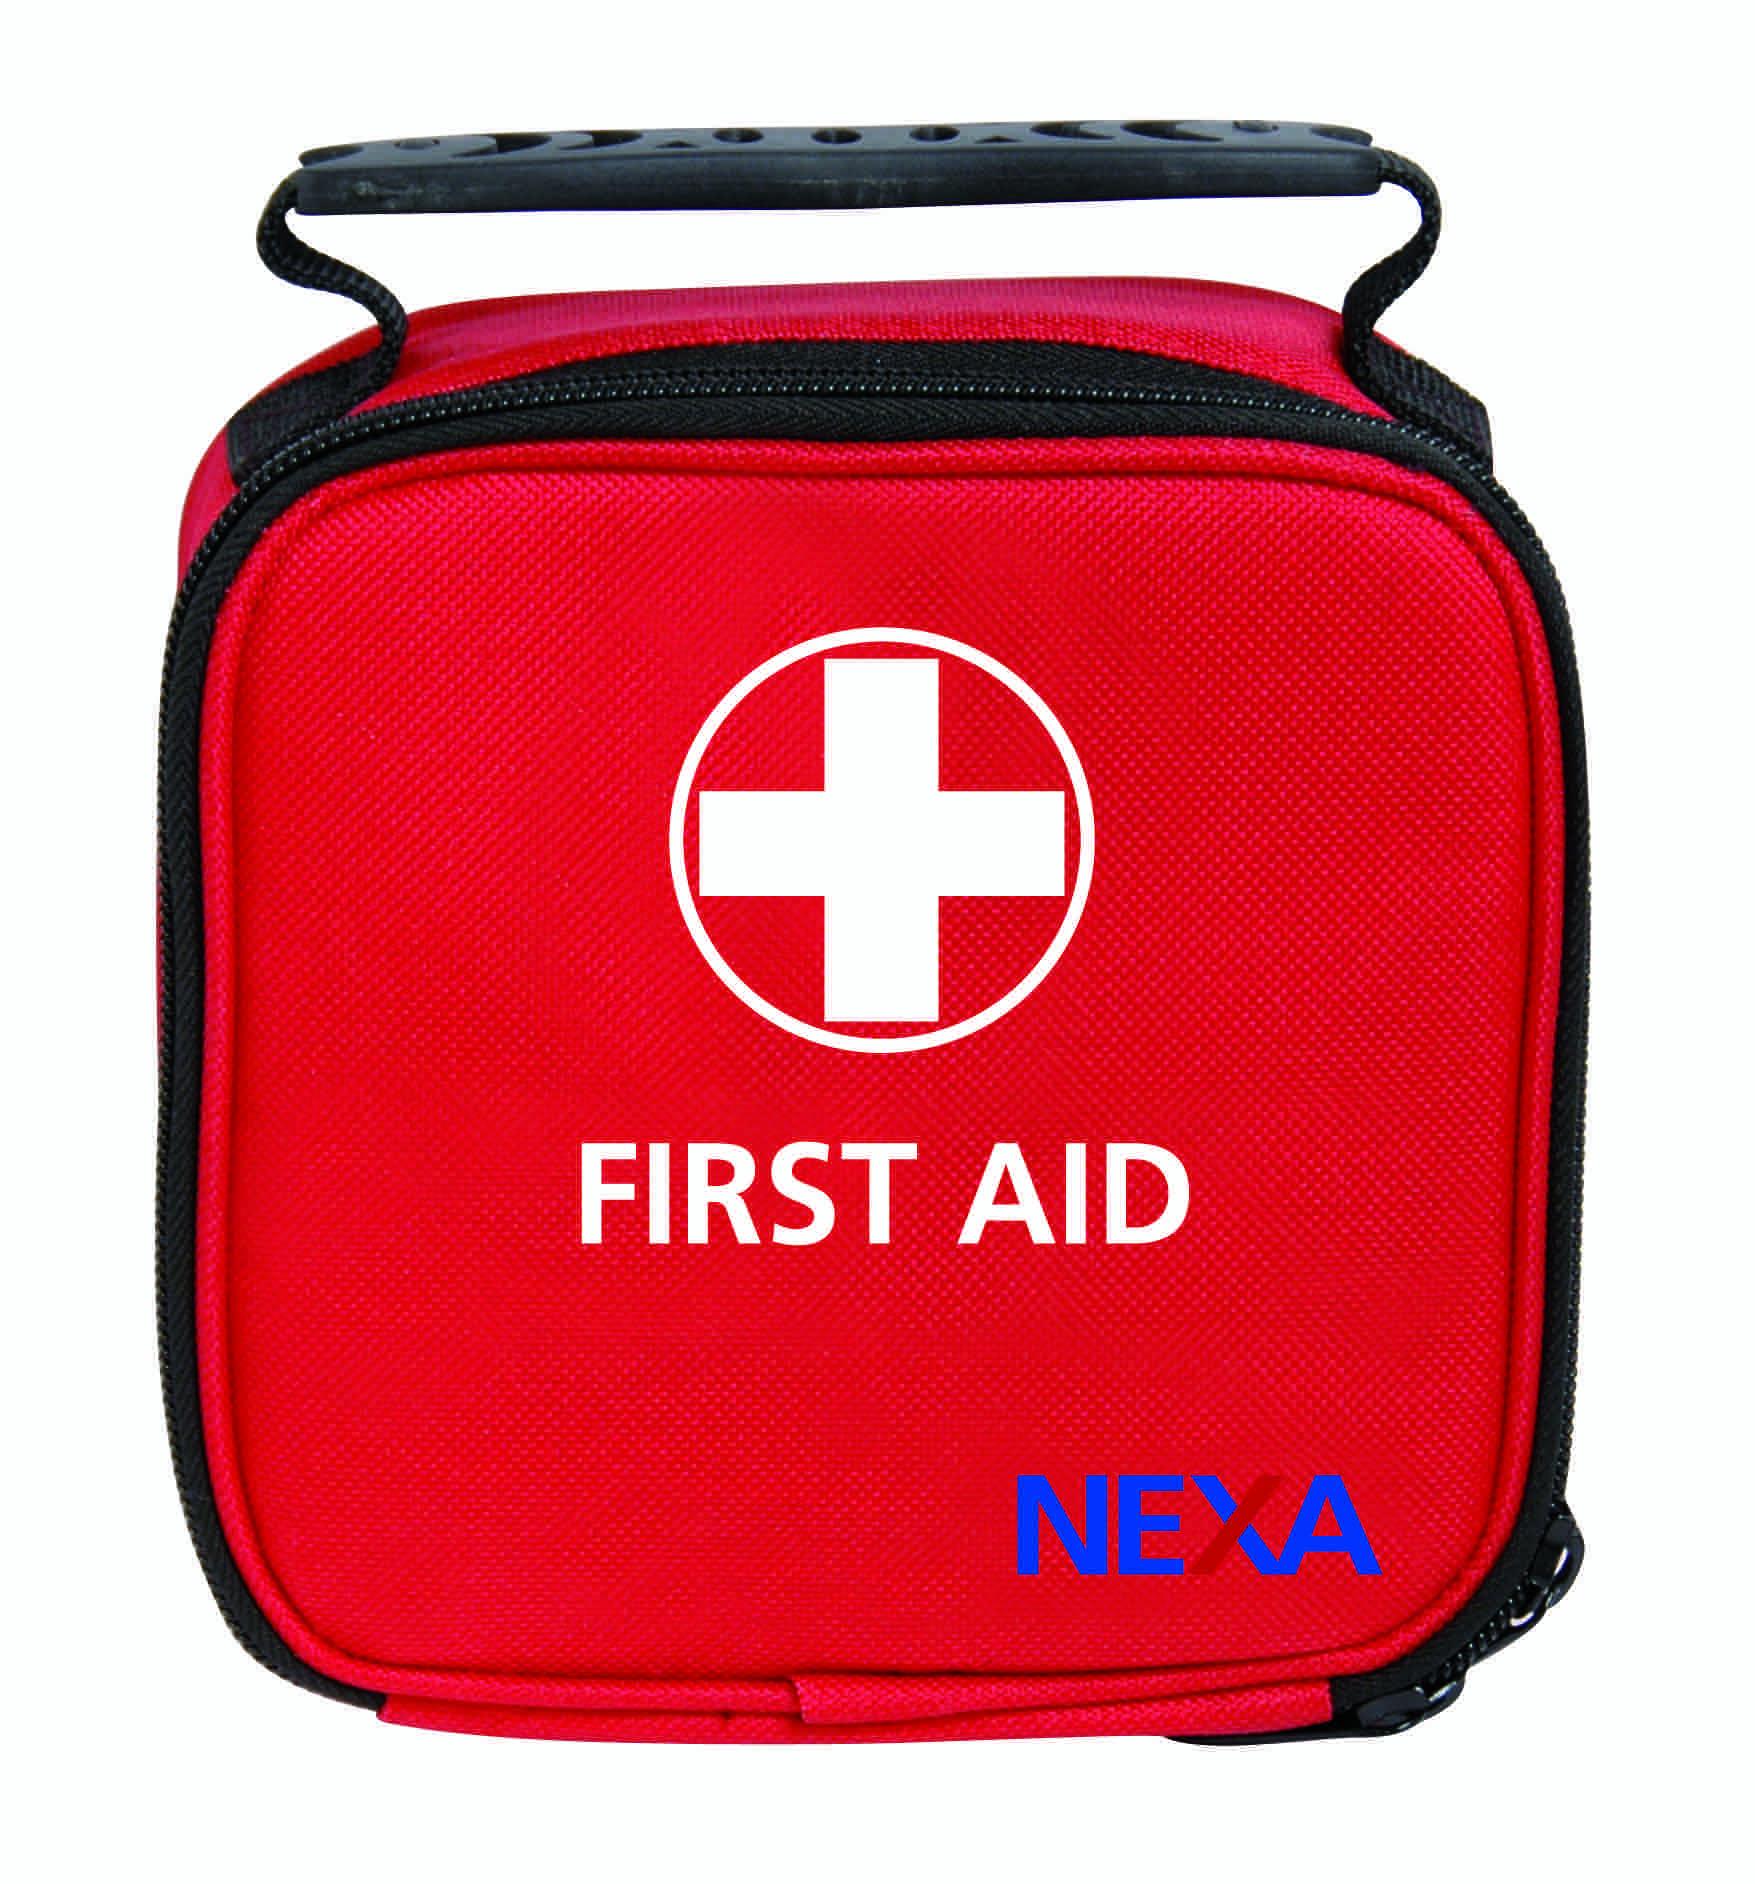 Nexa Första Hjälpen Mini, grundläggande förbandsset i rymlig väska, 35